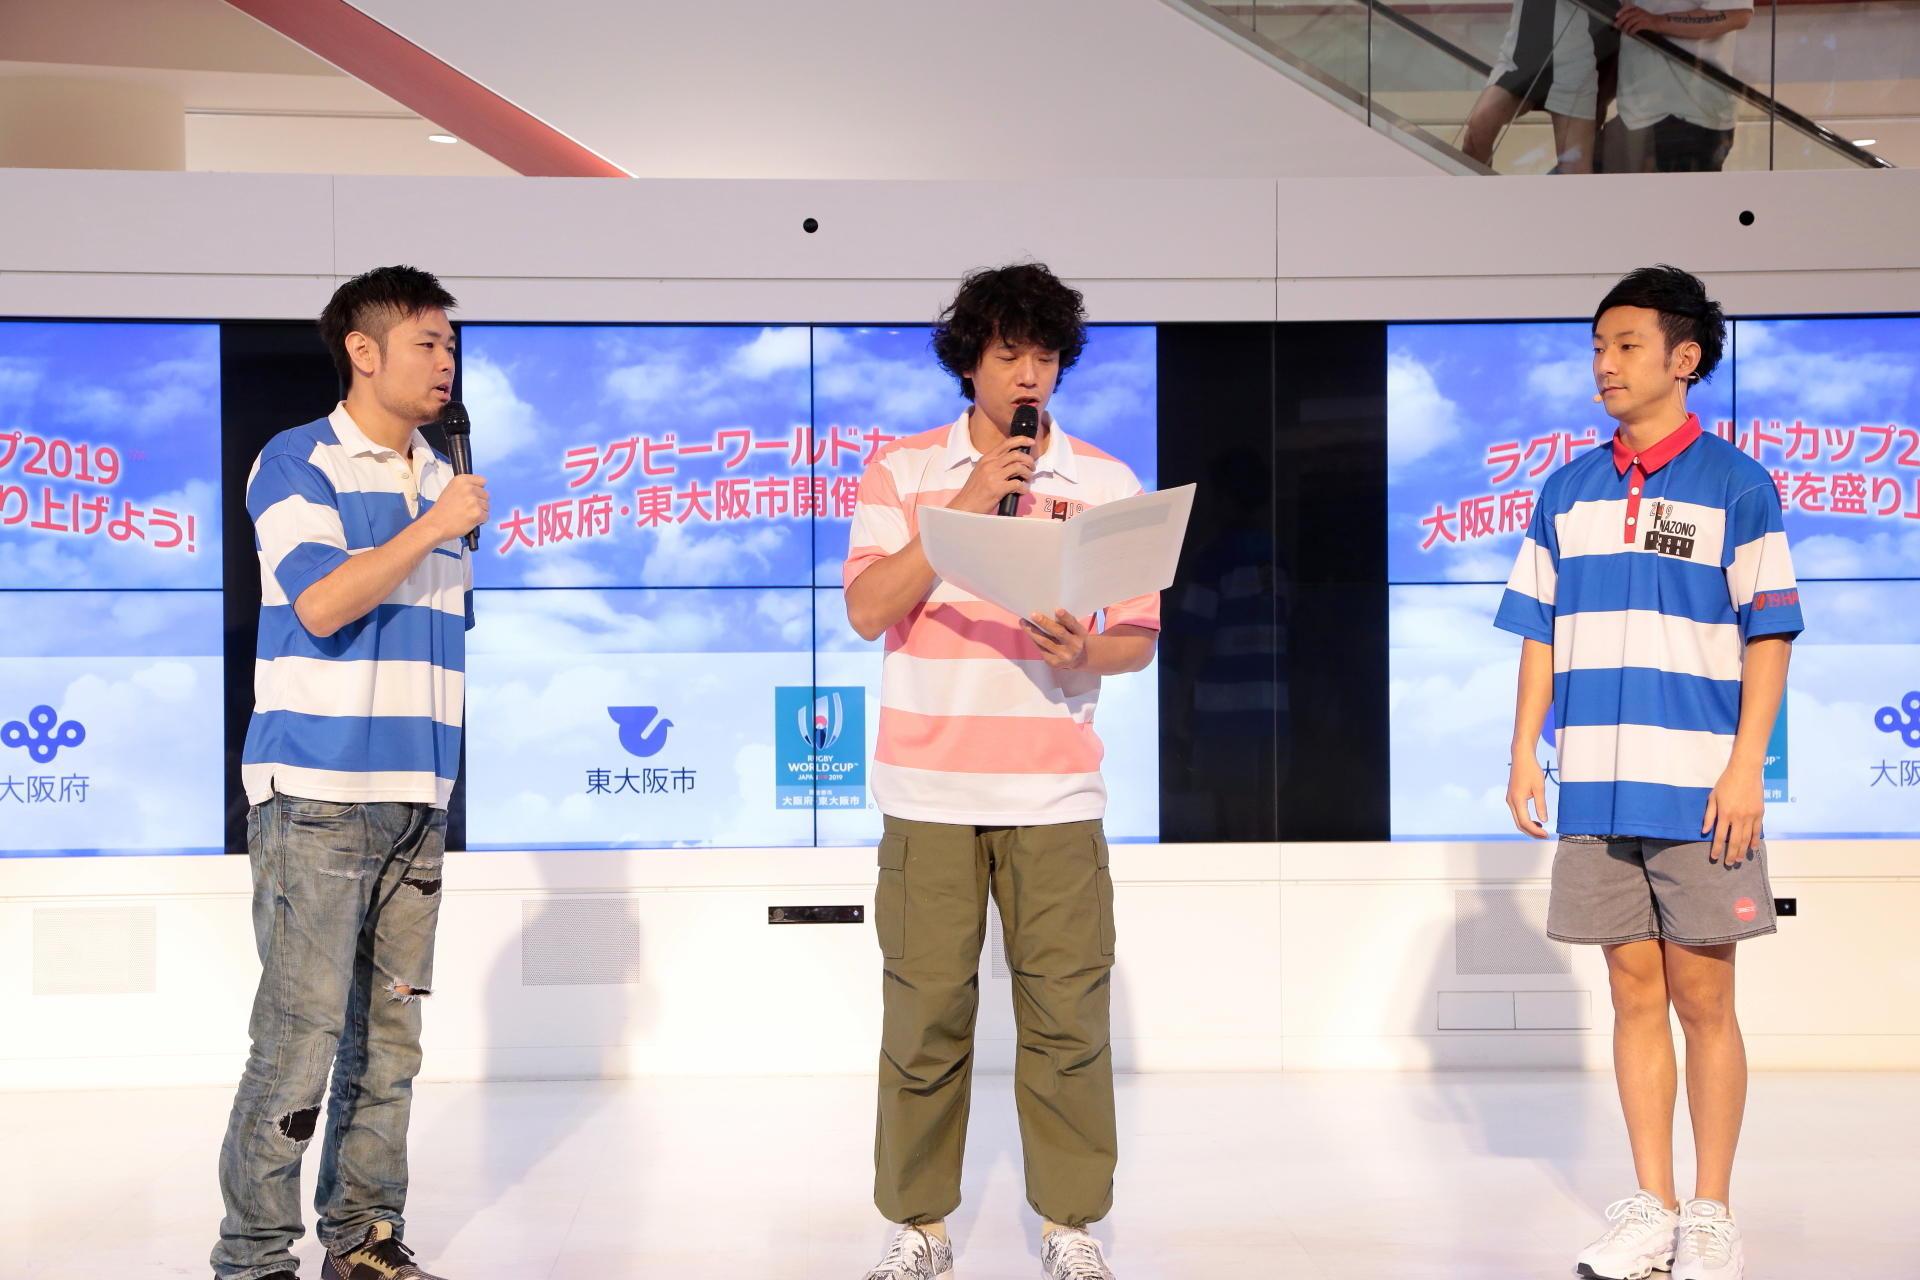 http://news.yoshimoto.co.jp/20161031175504-a761372c135e9cab916d915bd2fd5c6d0b535fca.jpg